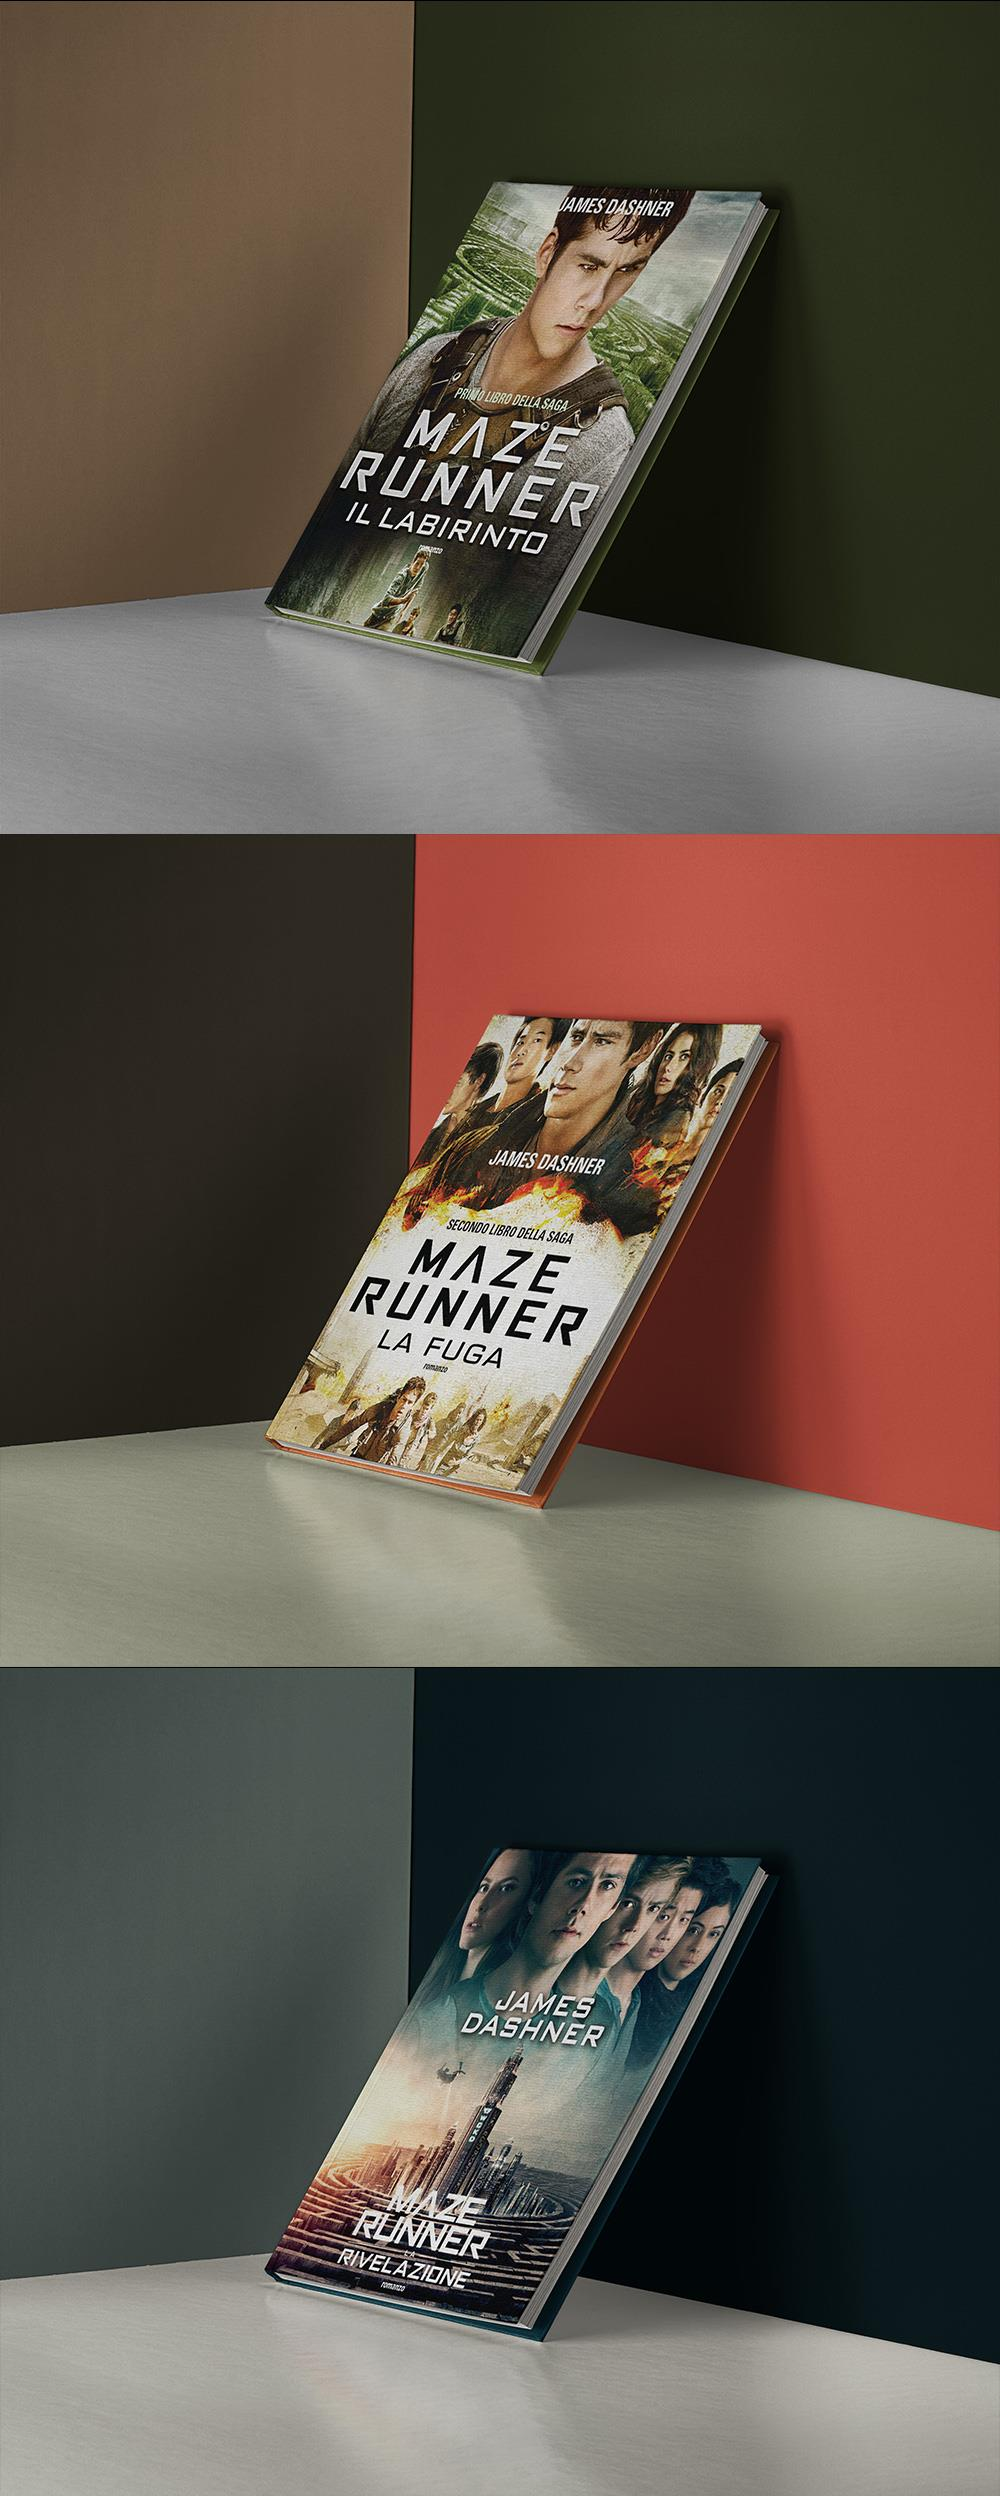 The Maze Runner Trilogia principale